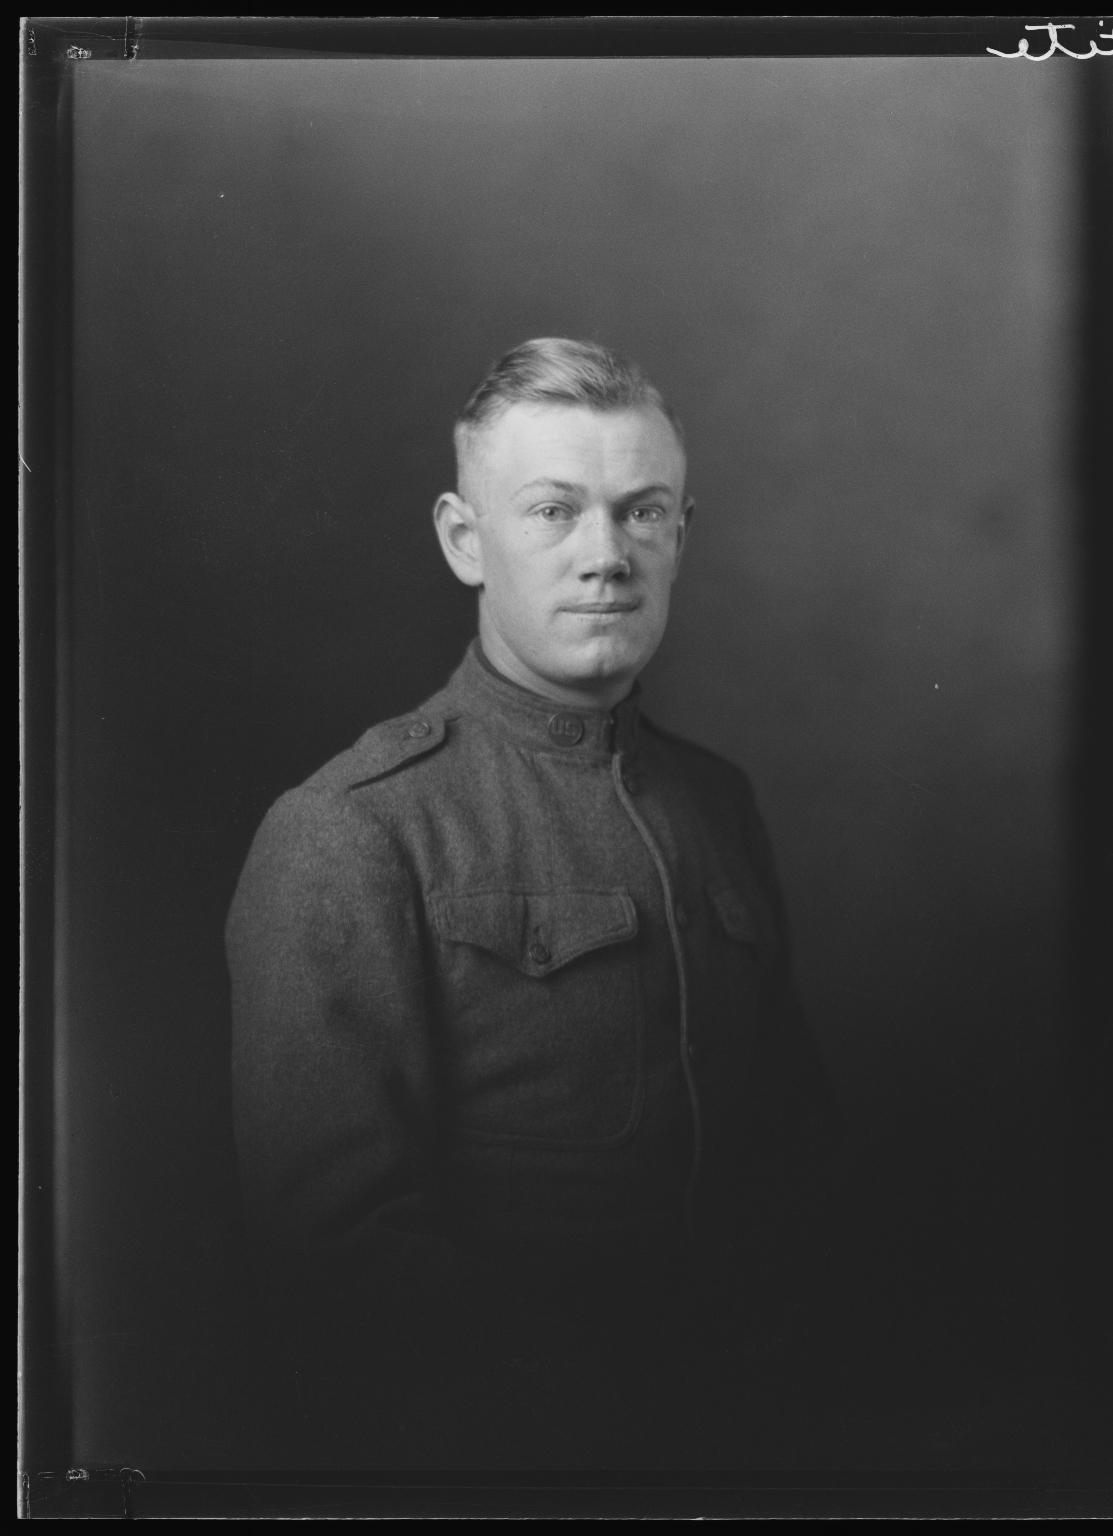 Portraits of C. M. Iverson